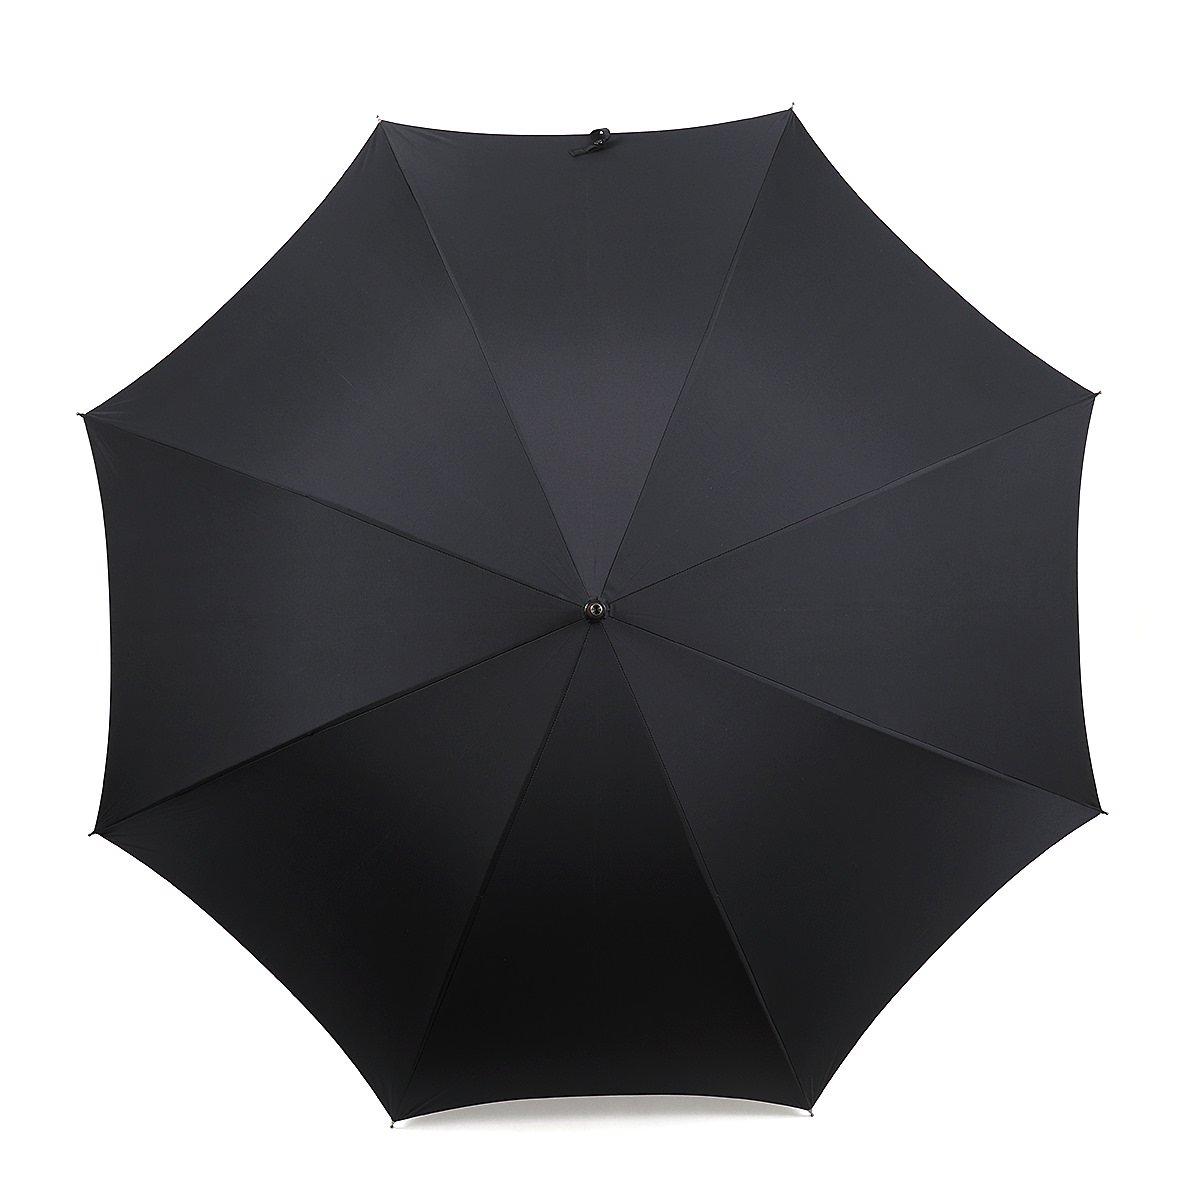 太鼓傘 - 鉄芯 詳細画像5